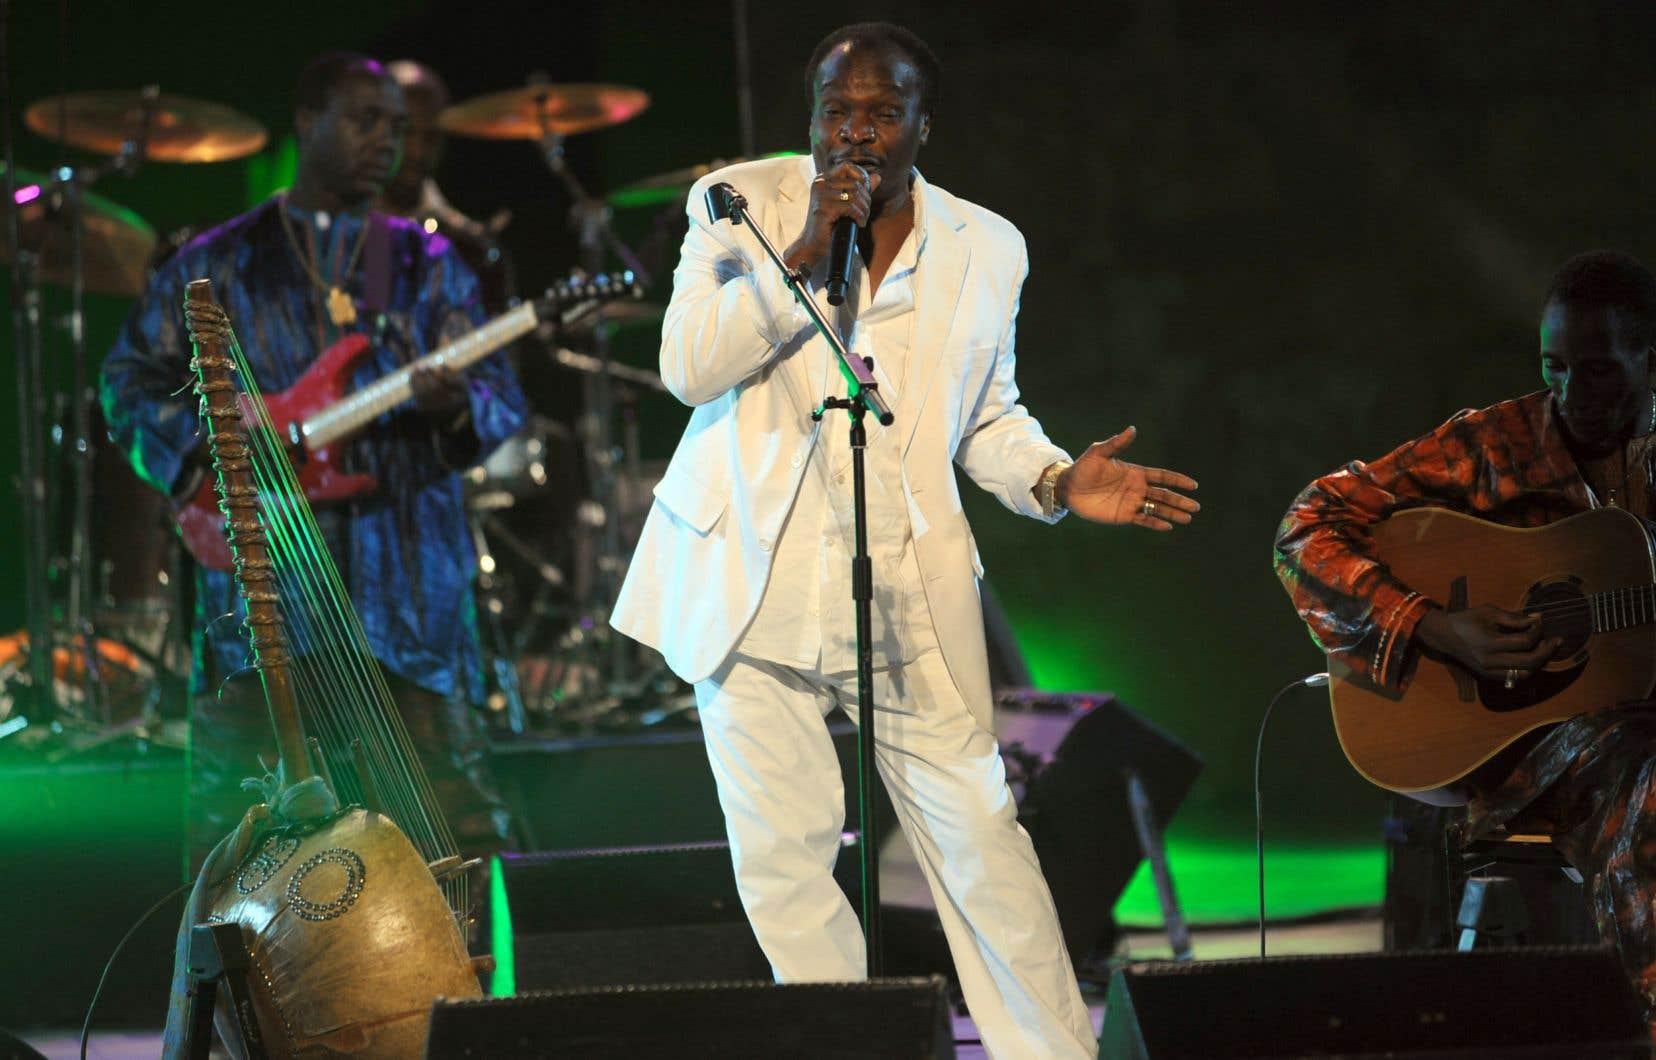 Mory Kanté, surnommé le «griot électrique», a contribué à populariser la musique africaine et guinéenne à travers le monde.